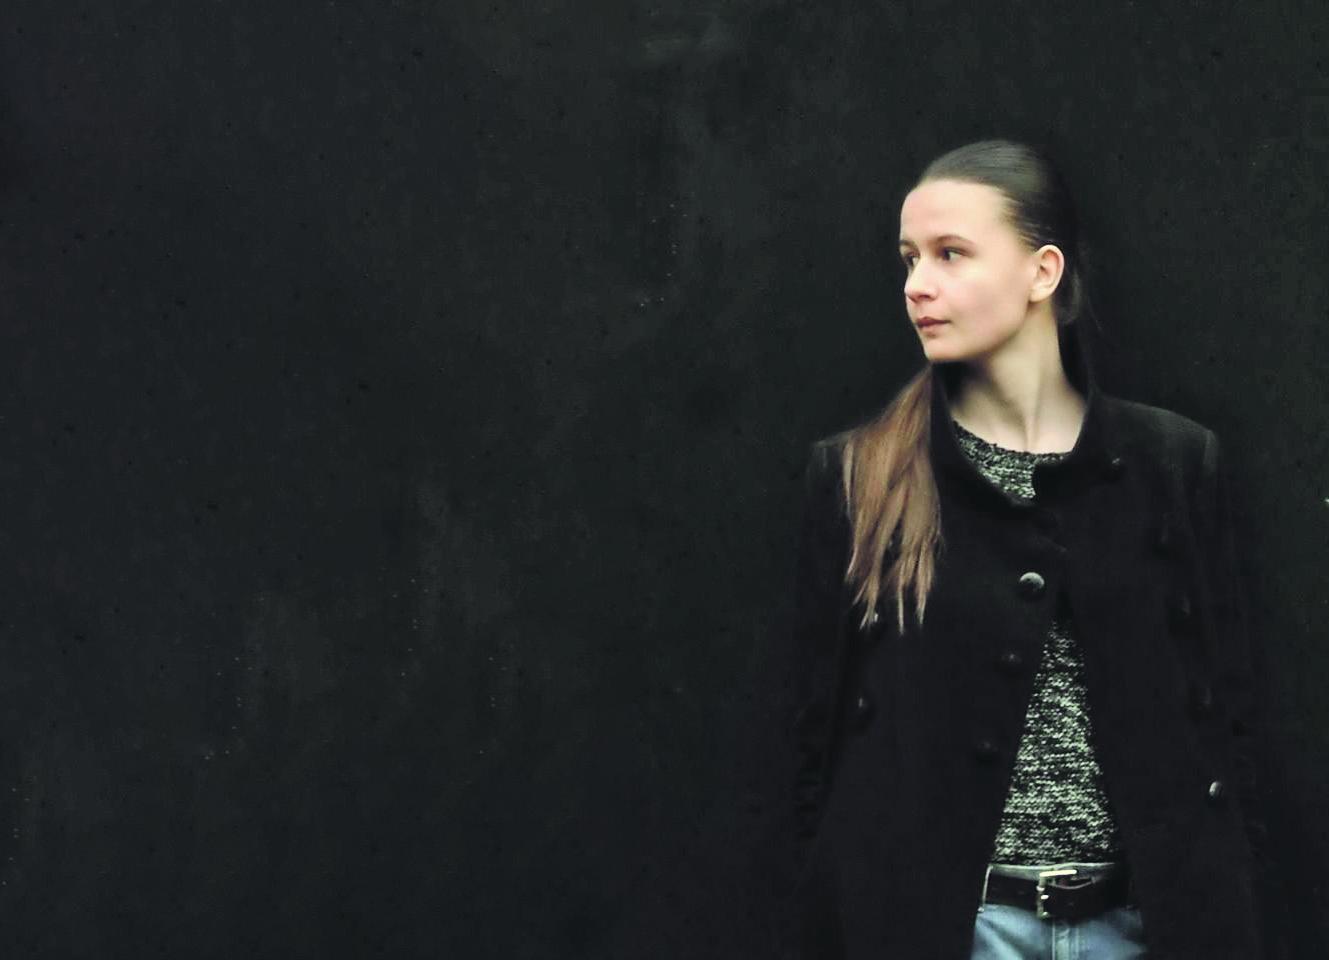 Dvadesetsedmogodišnja Vendi Vernić studirala je kod Svjetlana Junakovića, od kojeg je, kaže, puno naučila